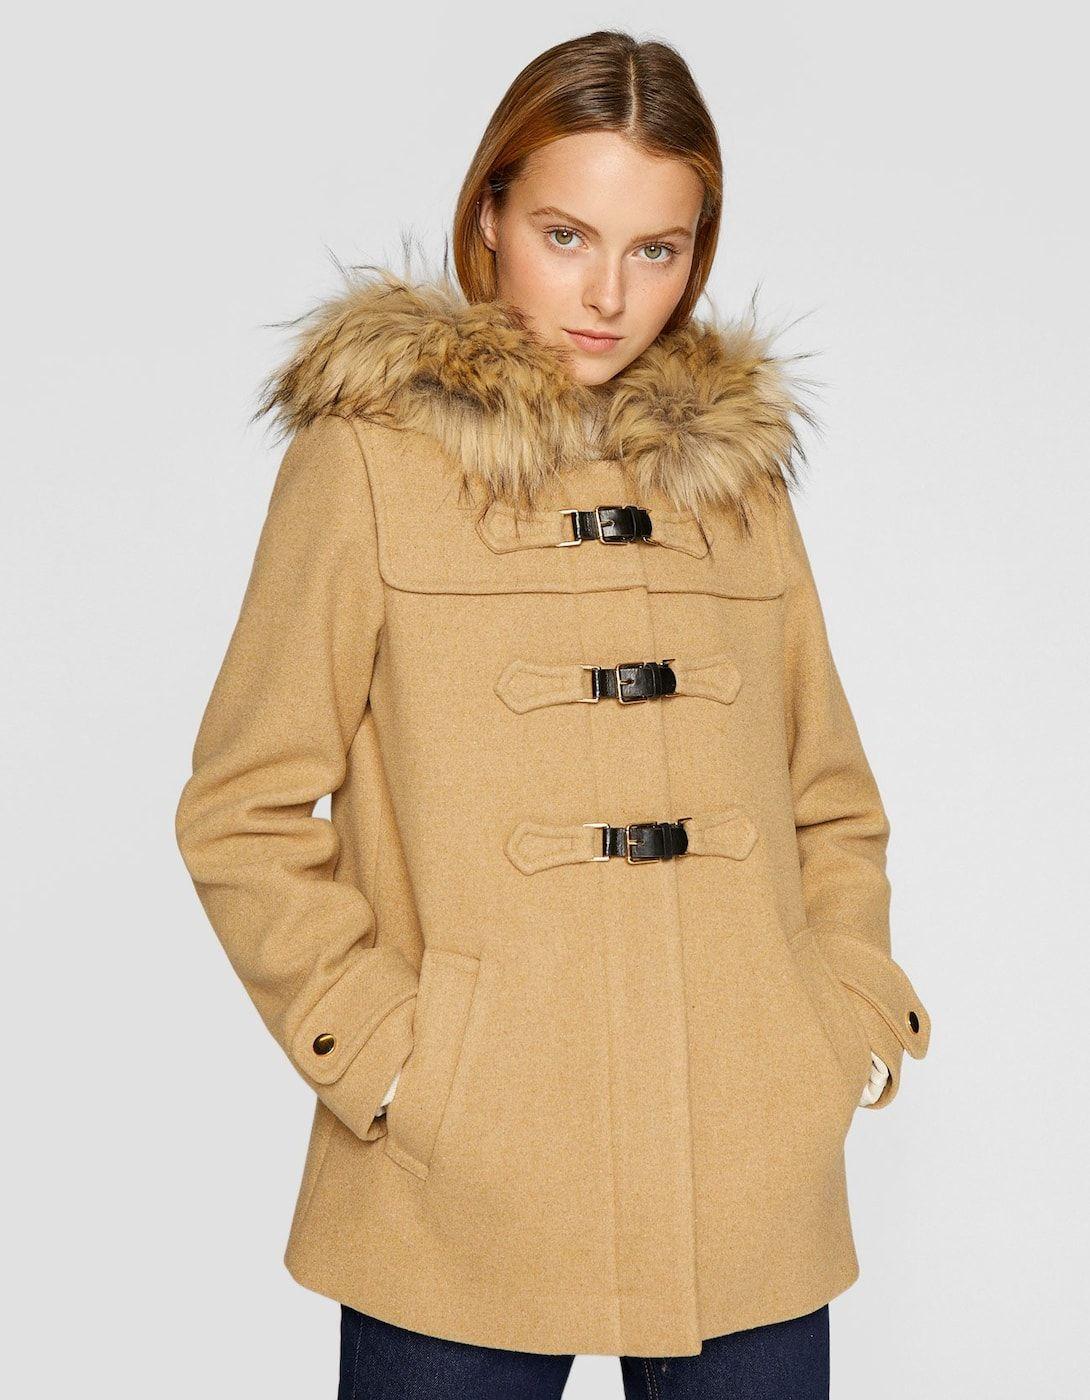 3bae0fd19e8 Cazadora de paño con capucha lana - Abrigos de mujer